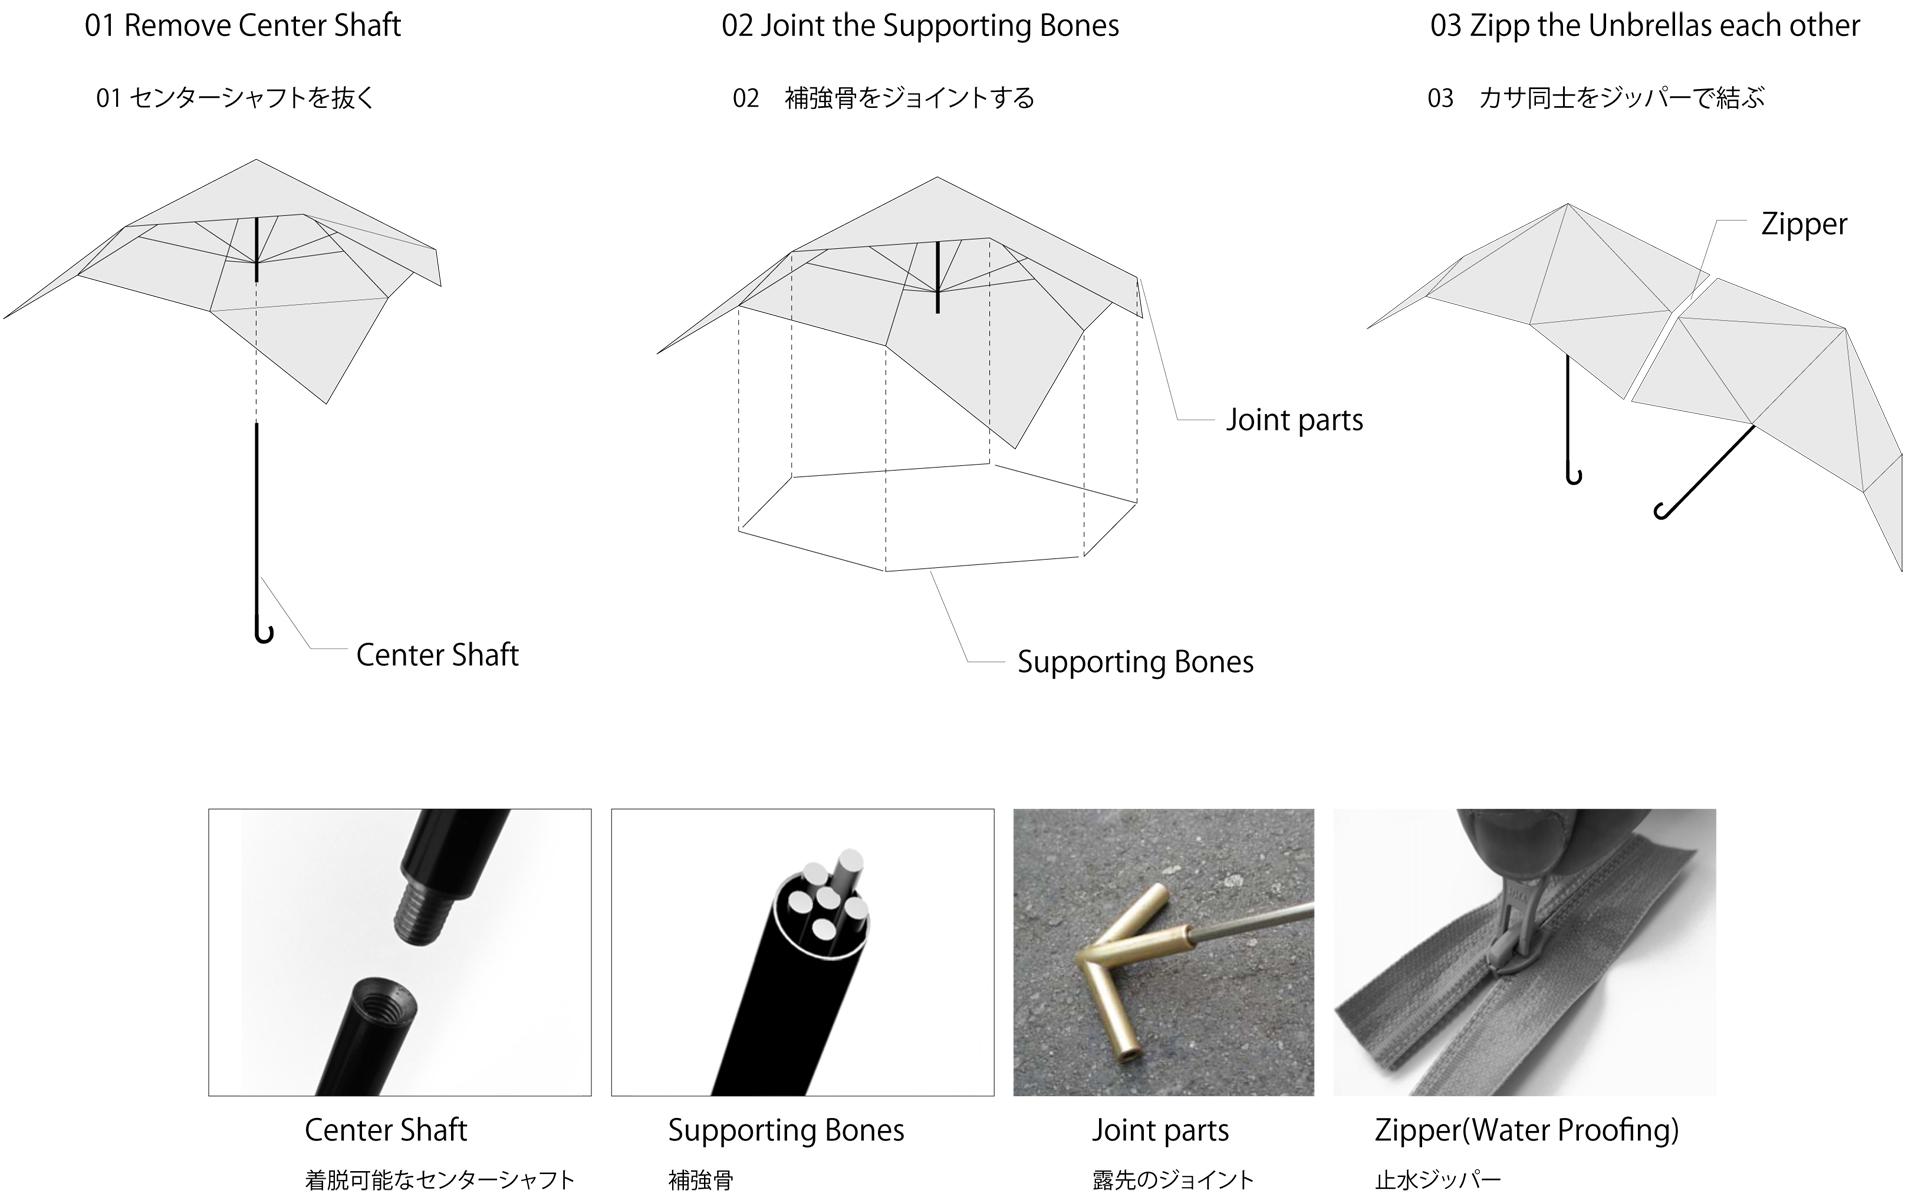 Casa umbrella architecture kengo kuma and Architecture upbrella